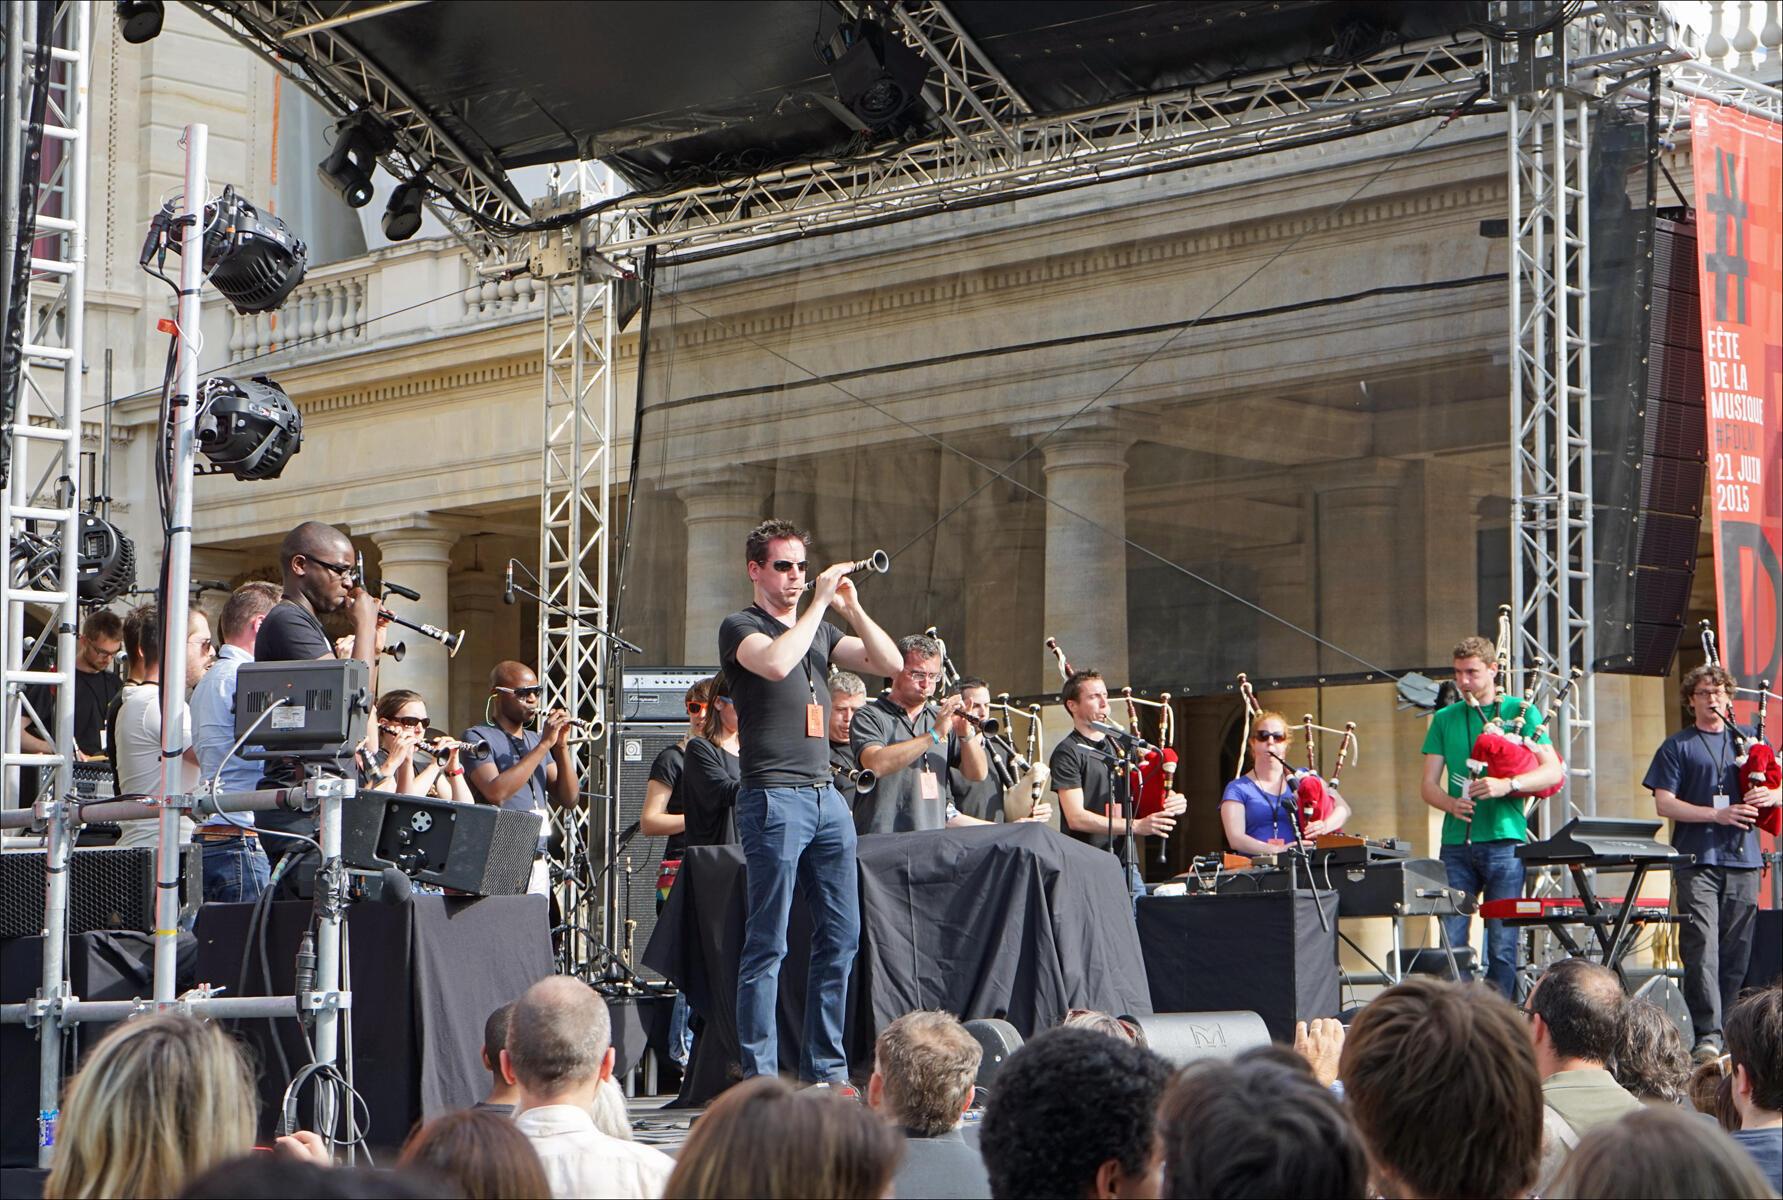 Một buổi trình diễn tại Palais Royal, Paris trong Ngày hội âm nhạc 2015.